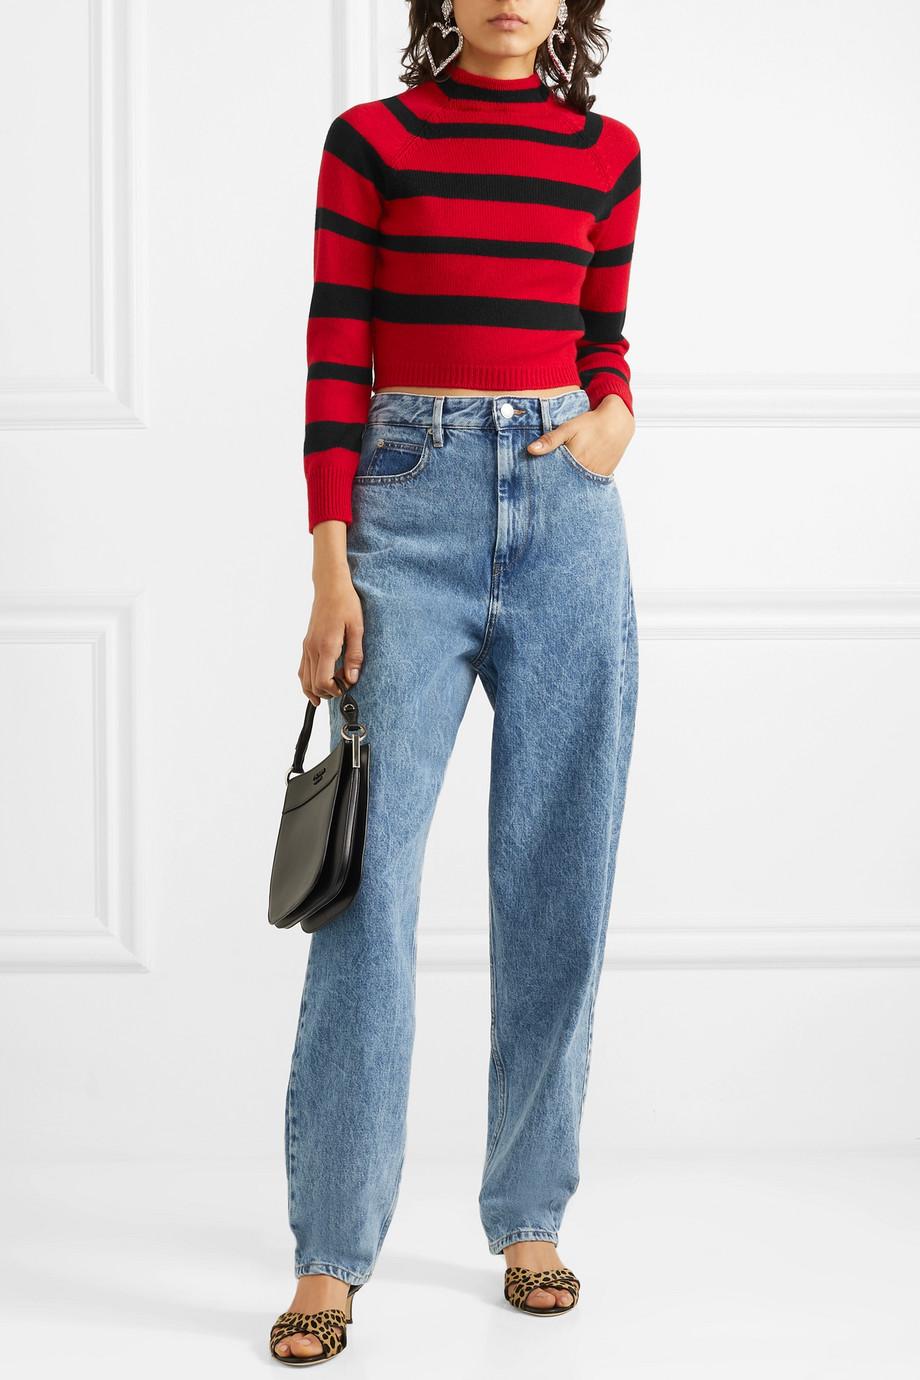 Miu Miu Cropped striped cashmere sweater